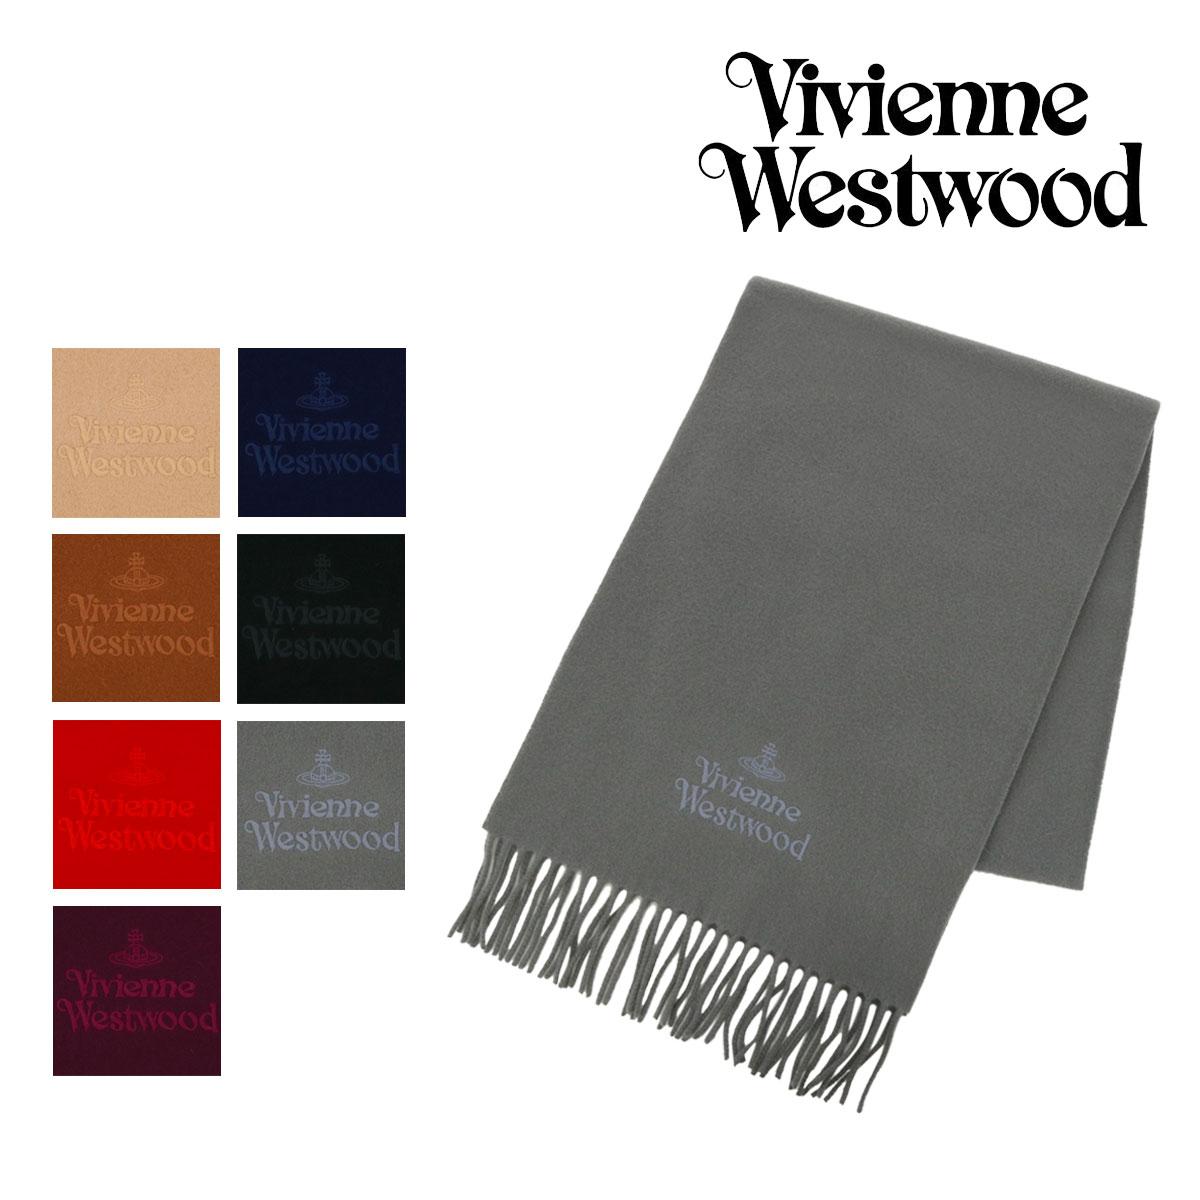 Vivienne Westwood マフラー ヴィヴィアン ウエストウッド 【 17AW 無地 ヴィヴィアン ウール ストール 定番モデル 】【即日発送】